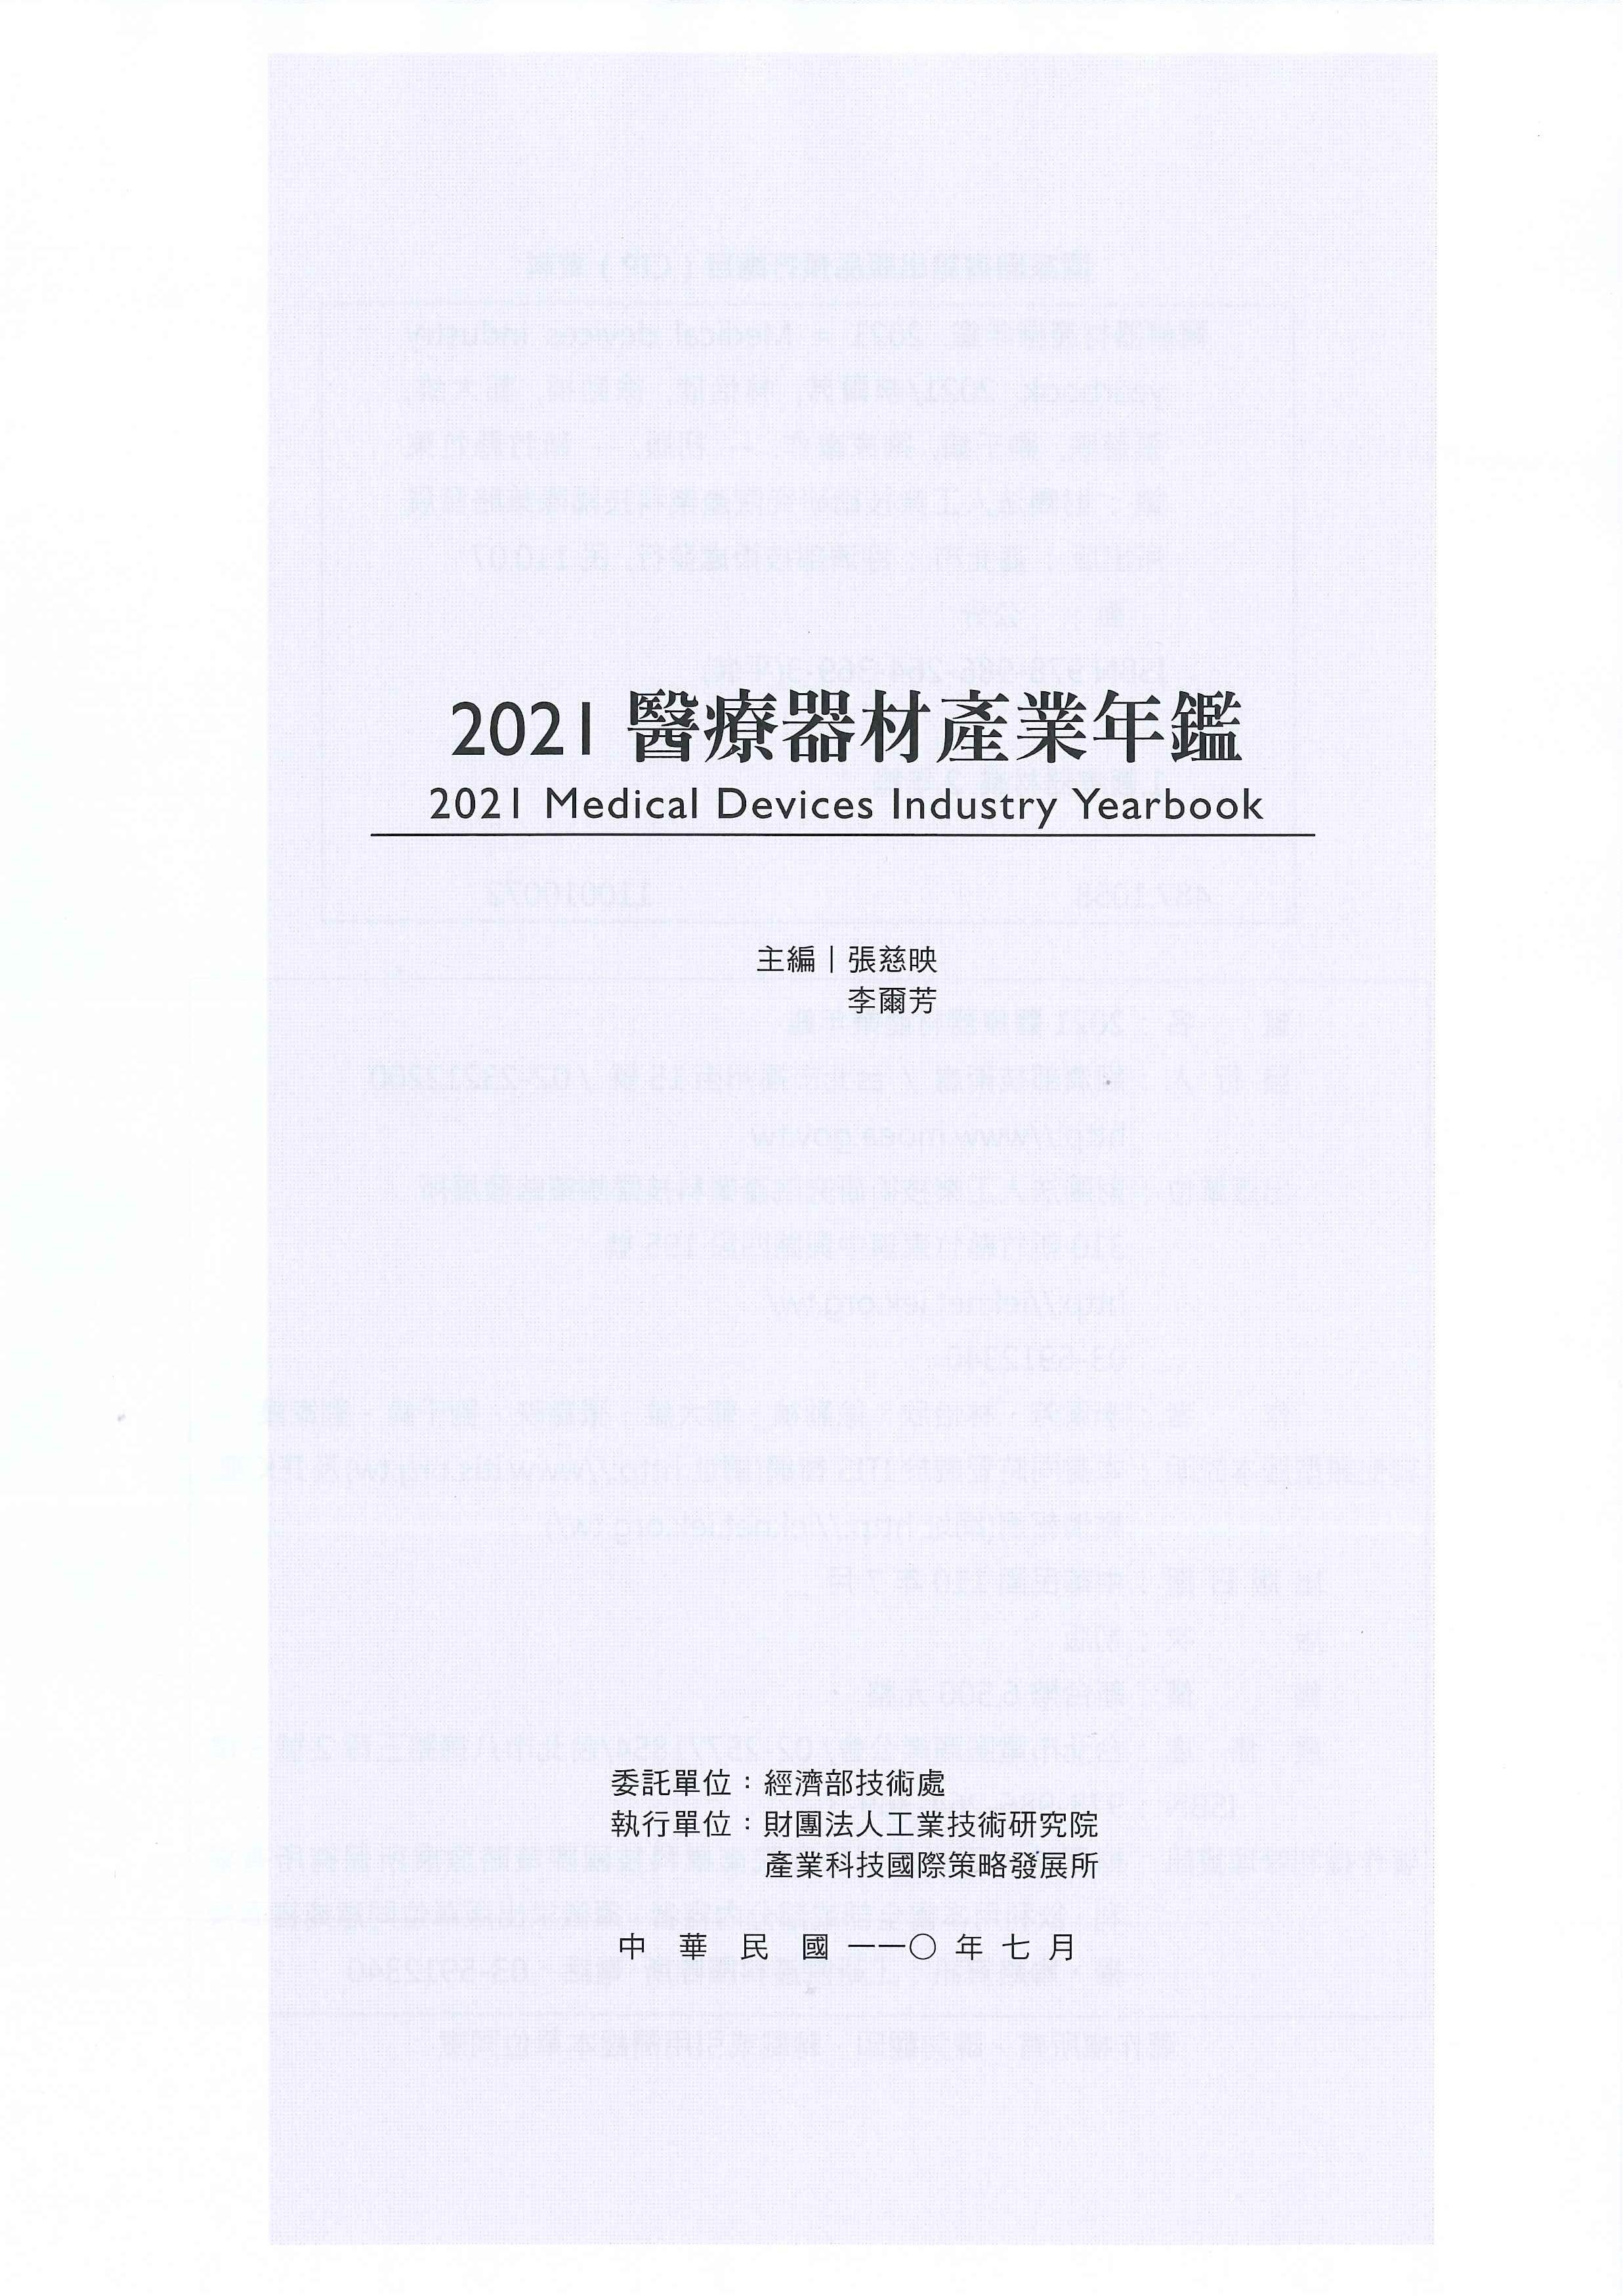 醫療器材產業年鑑=Medical devices industry yearbook